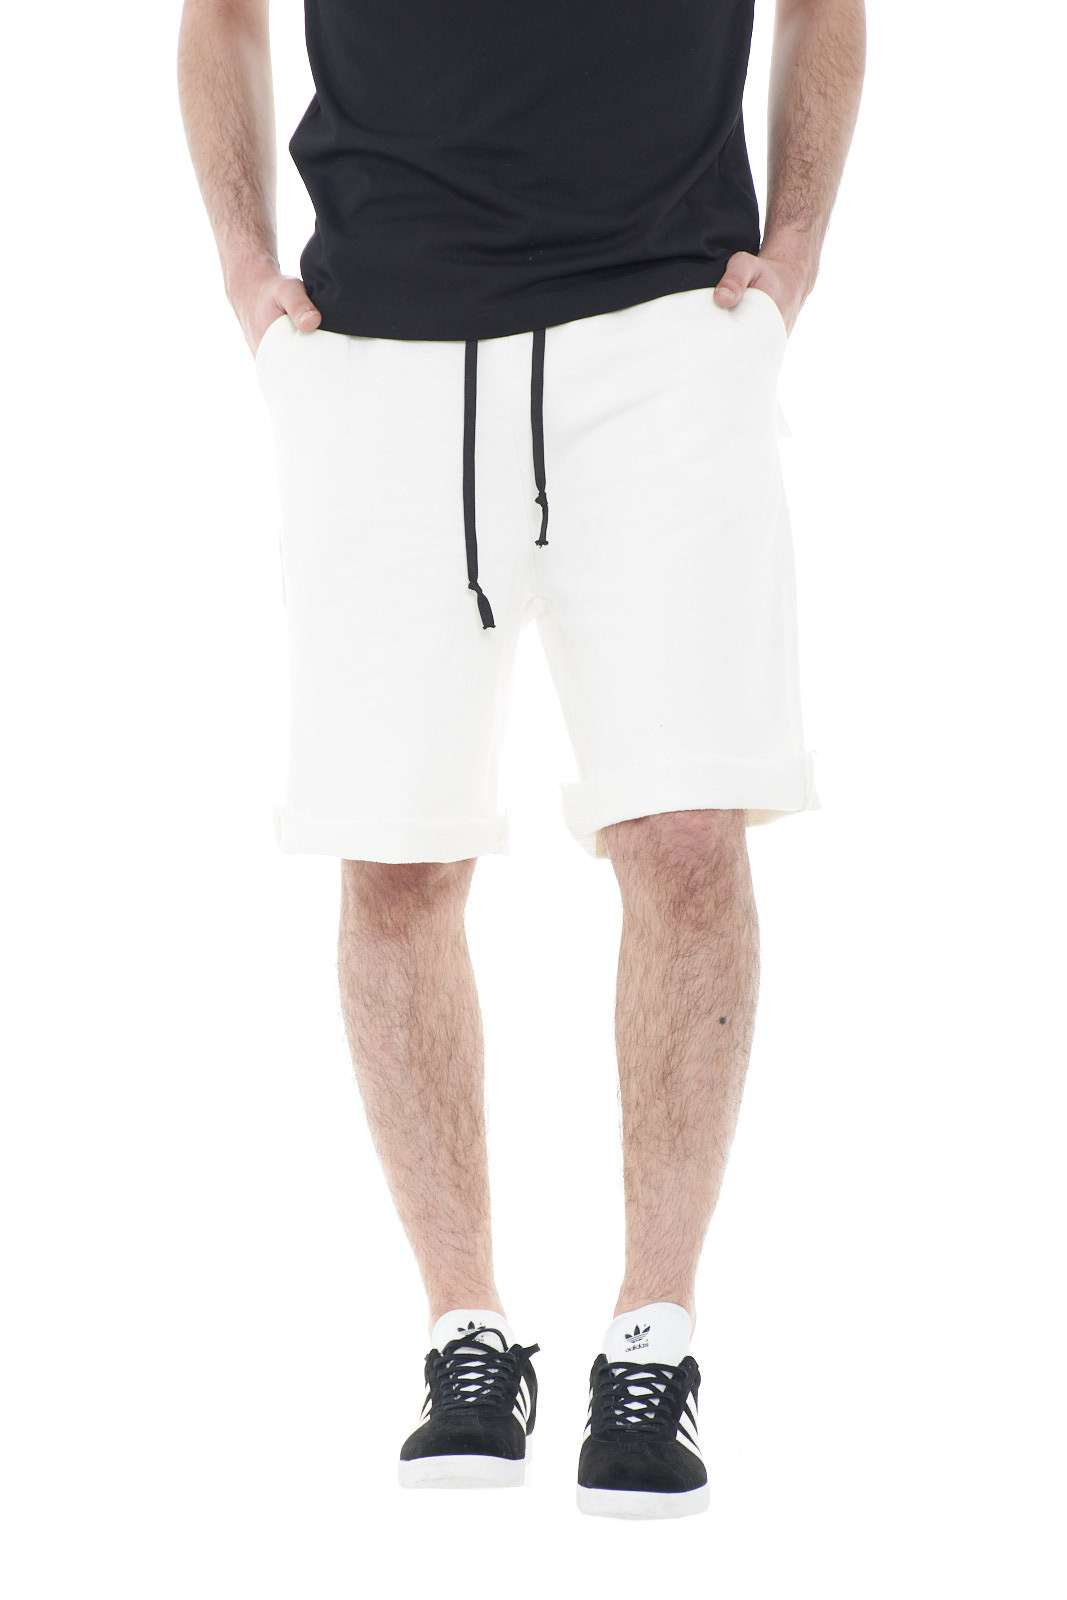 Un bermuda da uomo in felpa quello firmato Adriano Langella. Comodo e di lunghezza sotto al ginocchio, per l'uomo che vuole far risaltare il suo stile sportivo. Abbinata ad una t shirt è un evergreen.